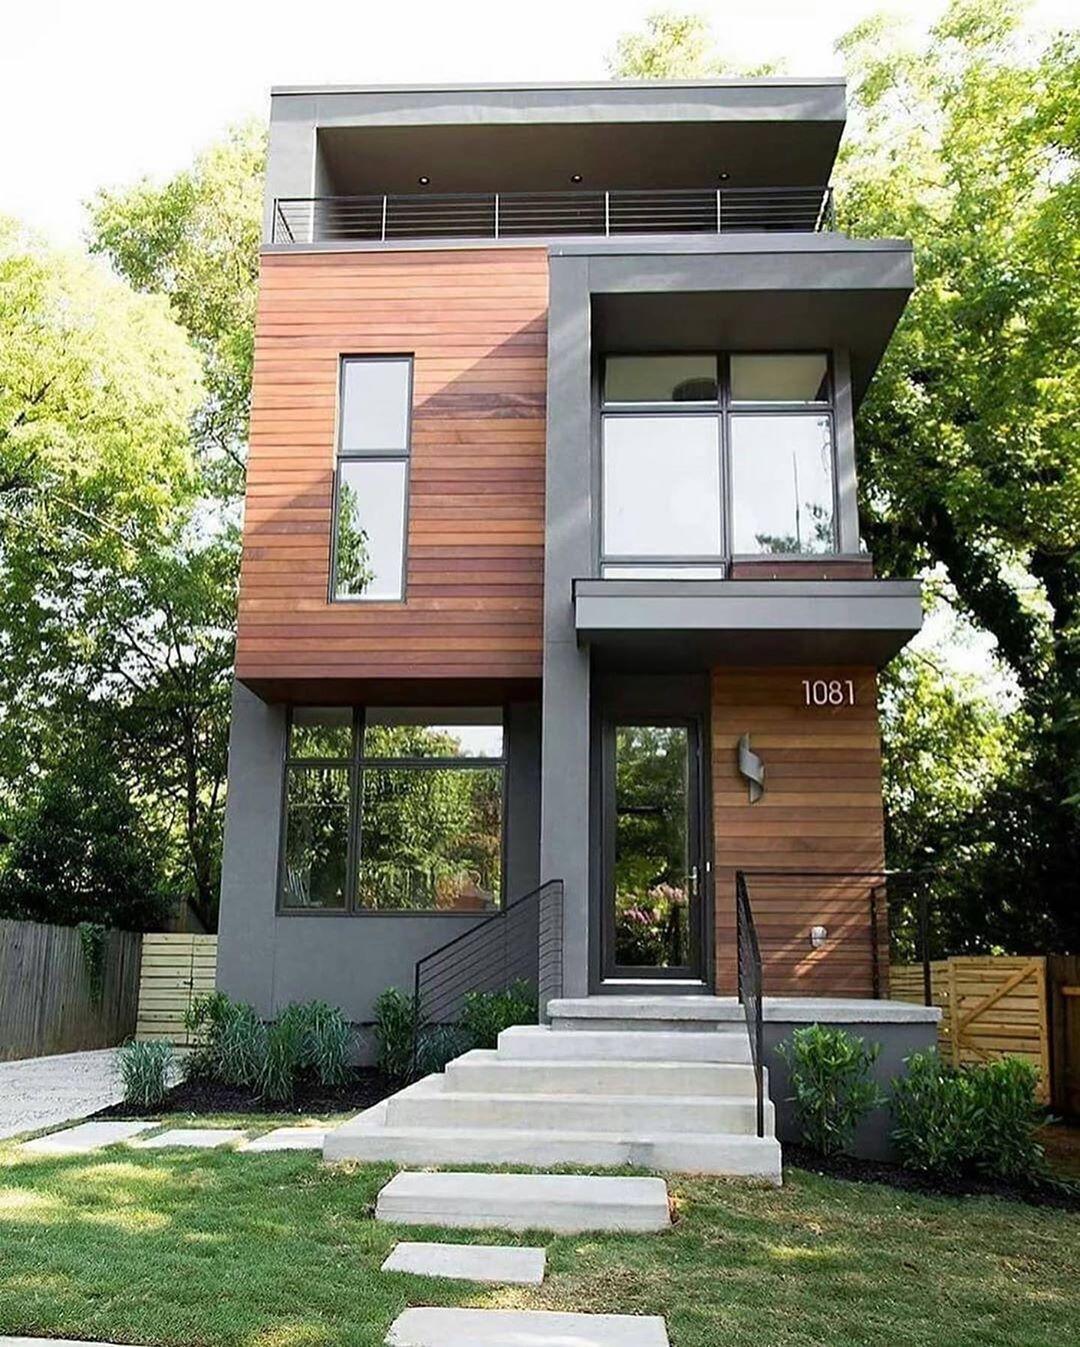 Epingle Par Driss Alami Sur Villas Design En 2020 Design